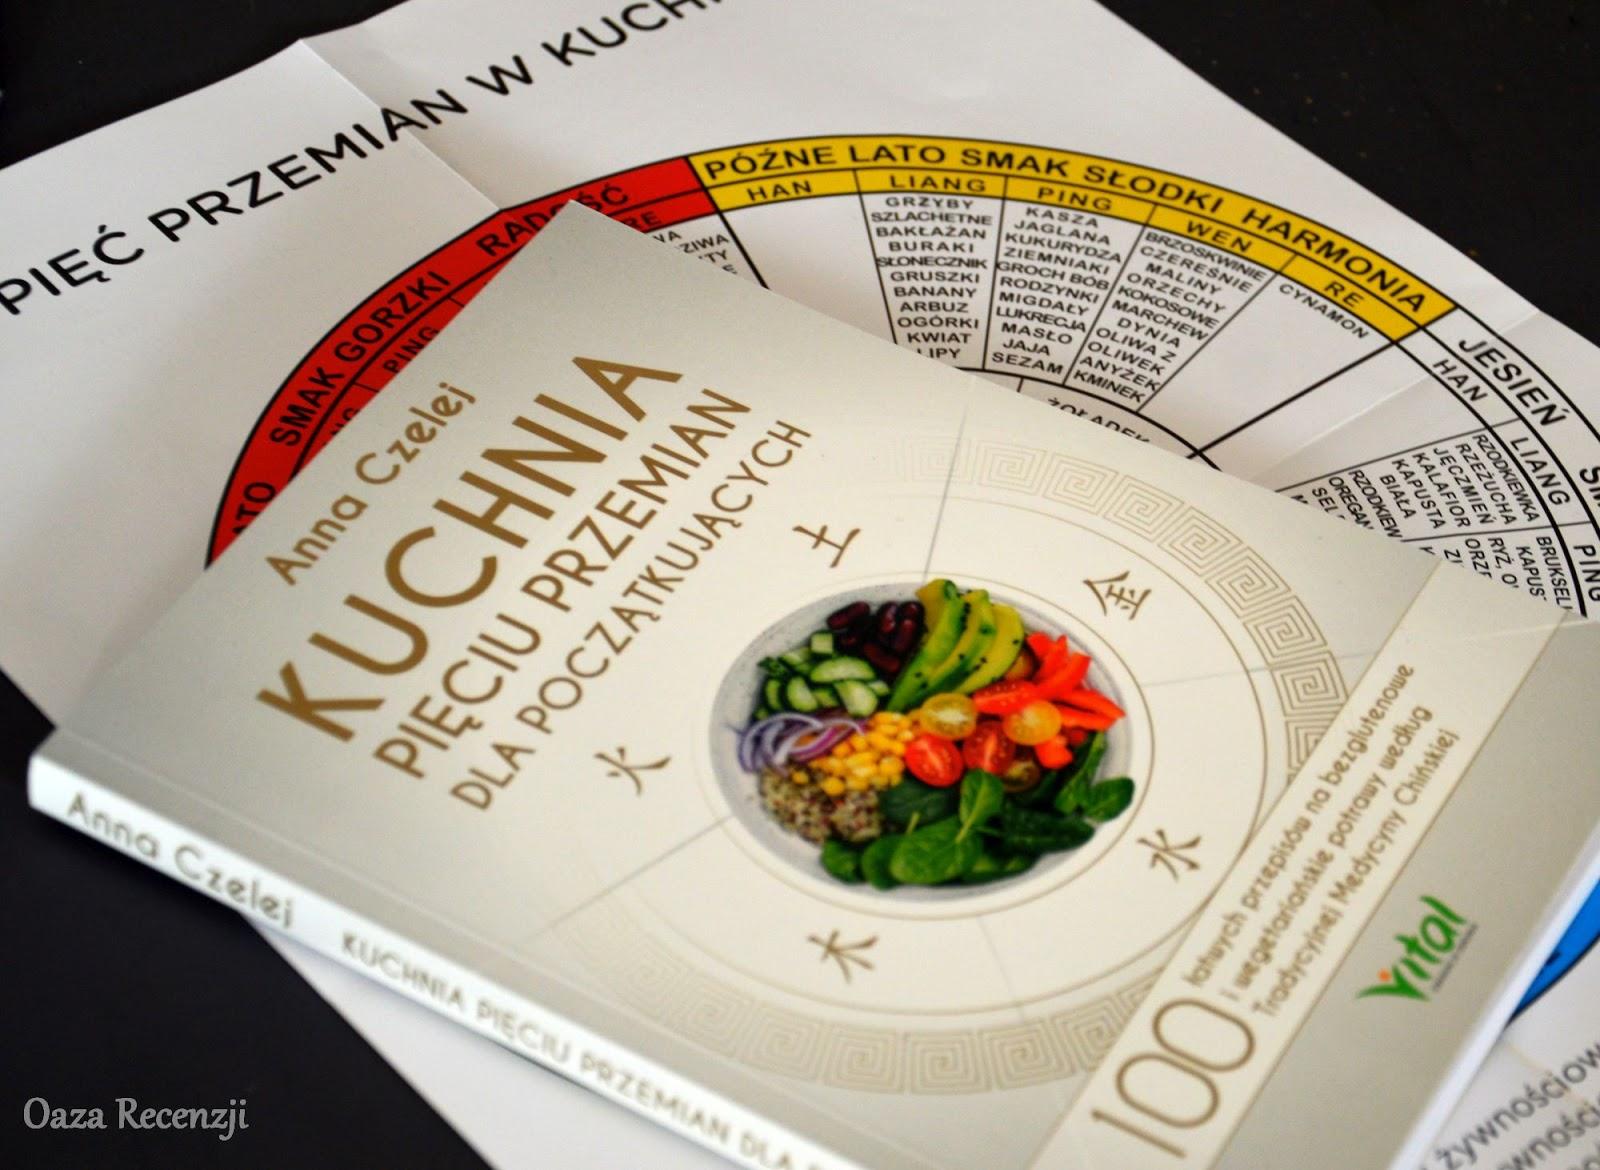 Oaza Recenzji 599 Kuchnia Pieciu Przemian Dla Poczatkujacych